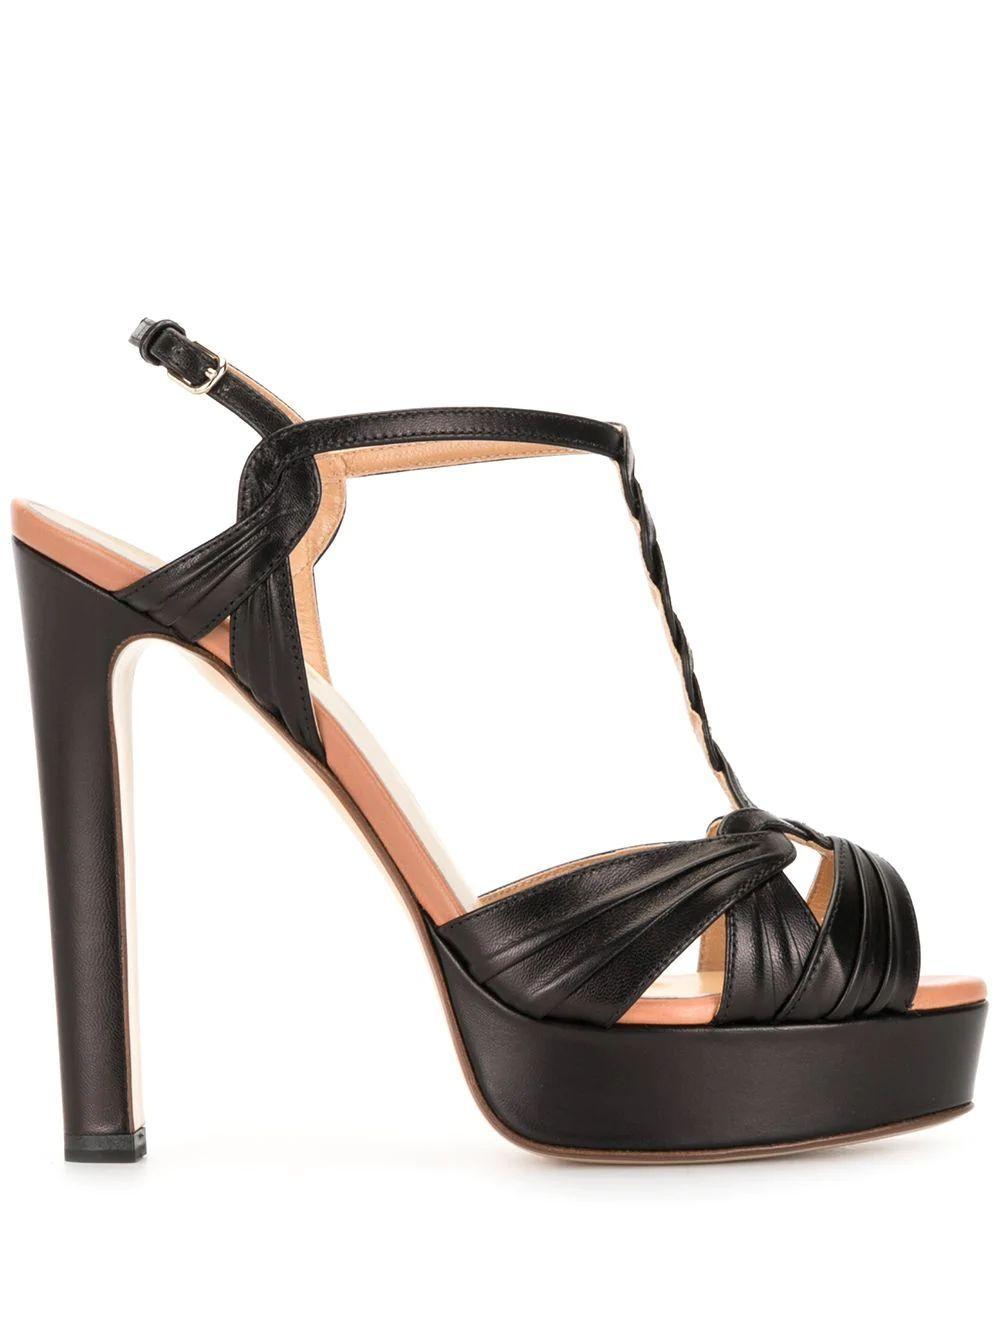 105mm Platform Sandal Item # FR20031A-12020